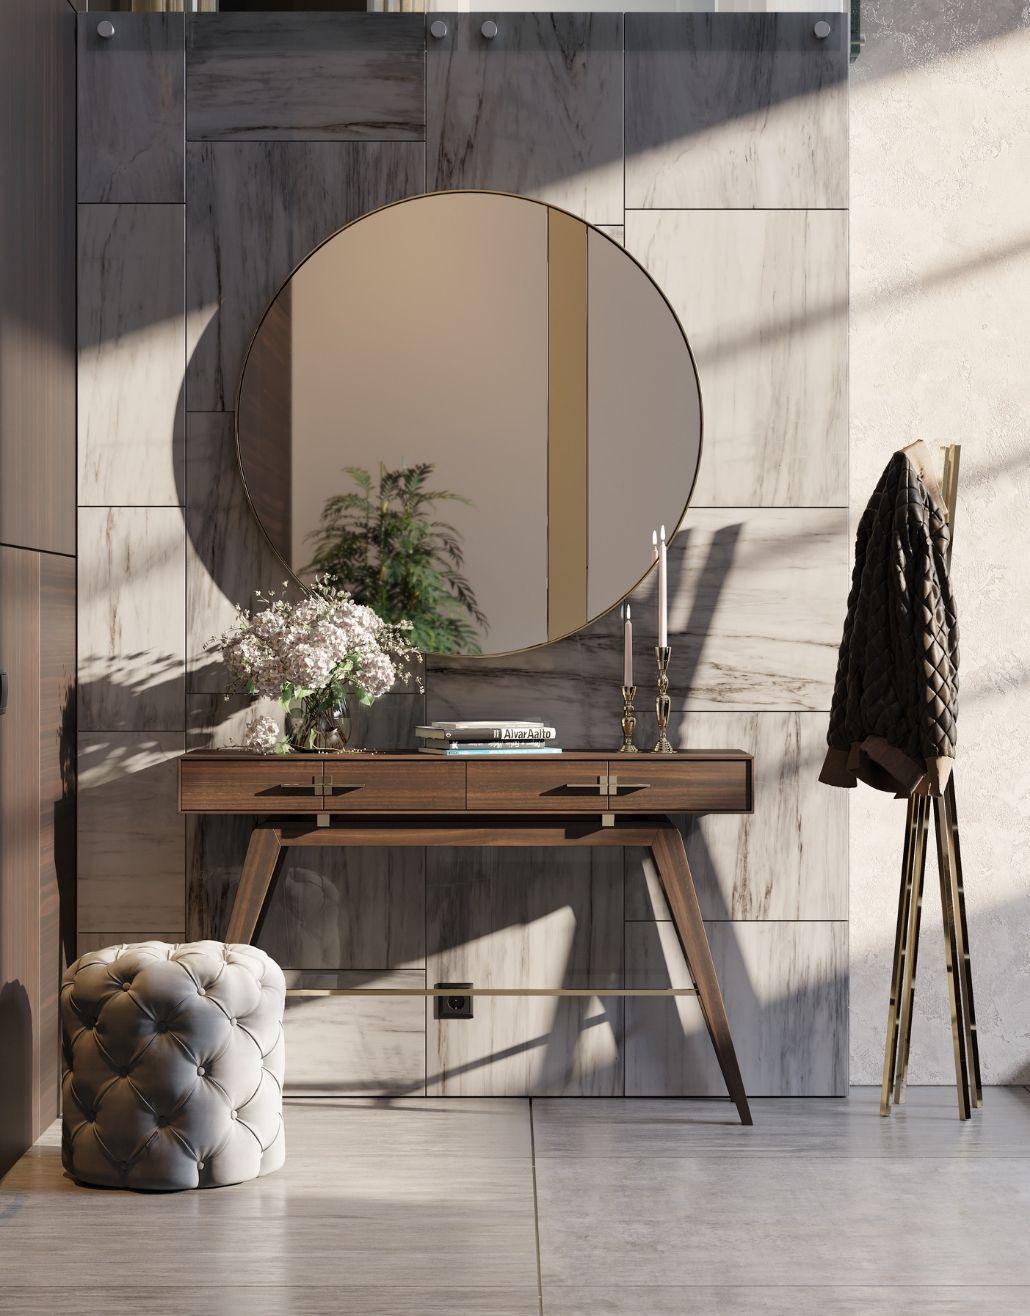 consola em madeira para decoração moderna